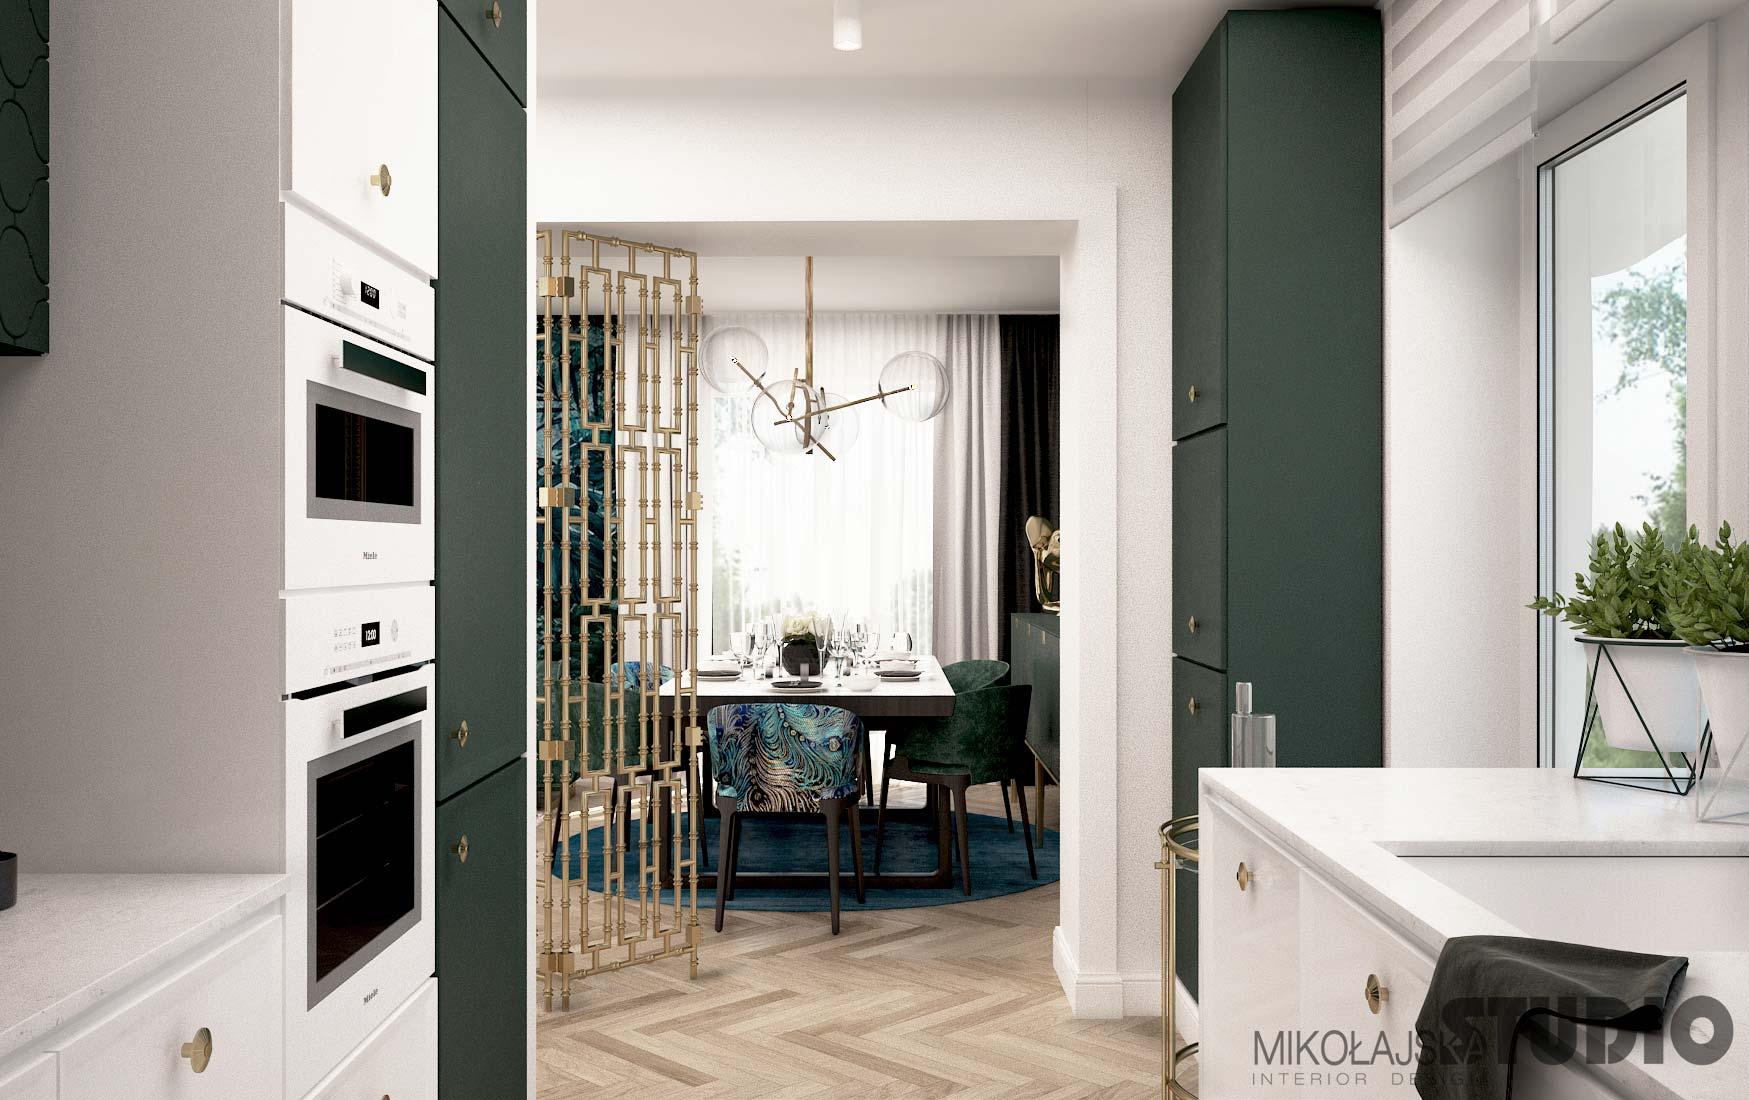 nowoczesna kuchnia w bieli i zieleni